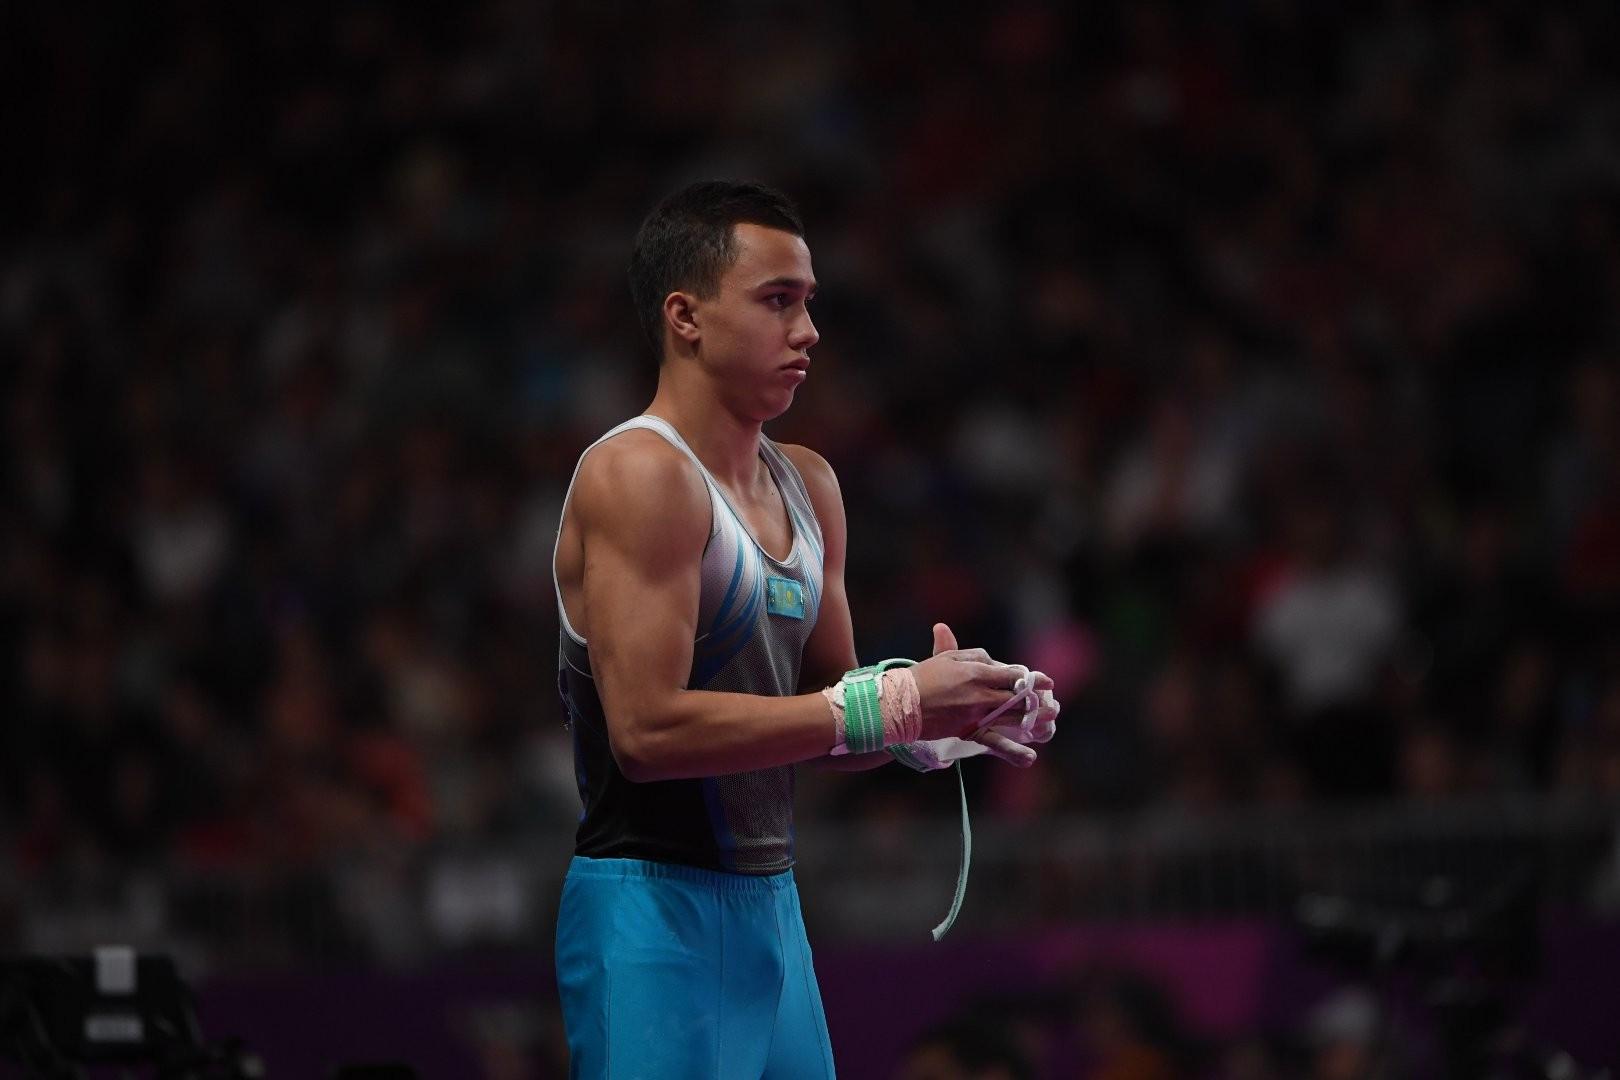 Милад Карими завоевал вторую медаль на этапе Кубка мира по спортивной гимнастике